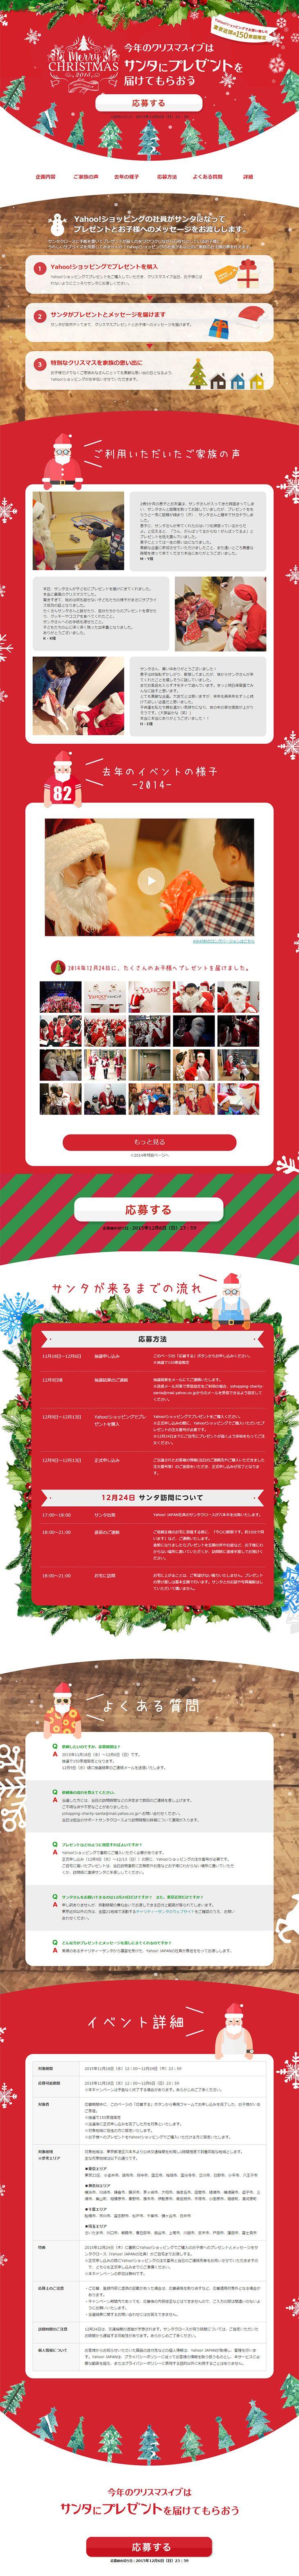 サンタにプレゼントを届けてもらおう【インターネットサービス関連】のLPデザイン。WEBデザイナーさん必見!ランディングページのデザイン参考に(かわいい系)